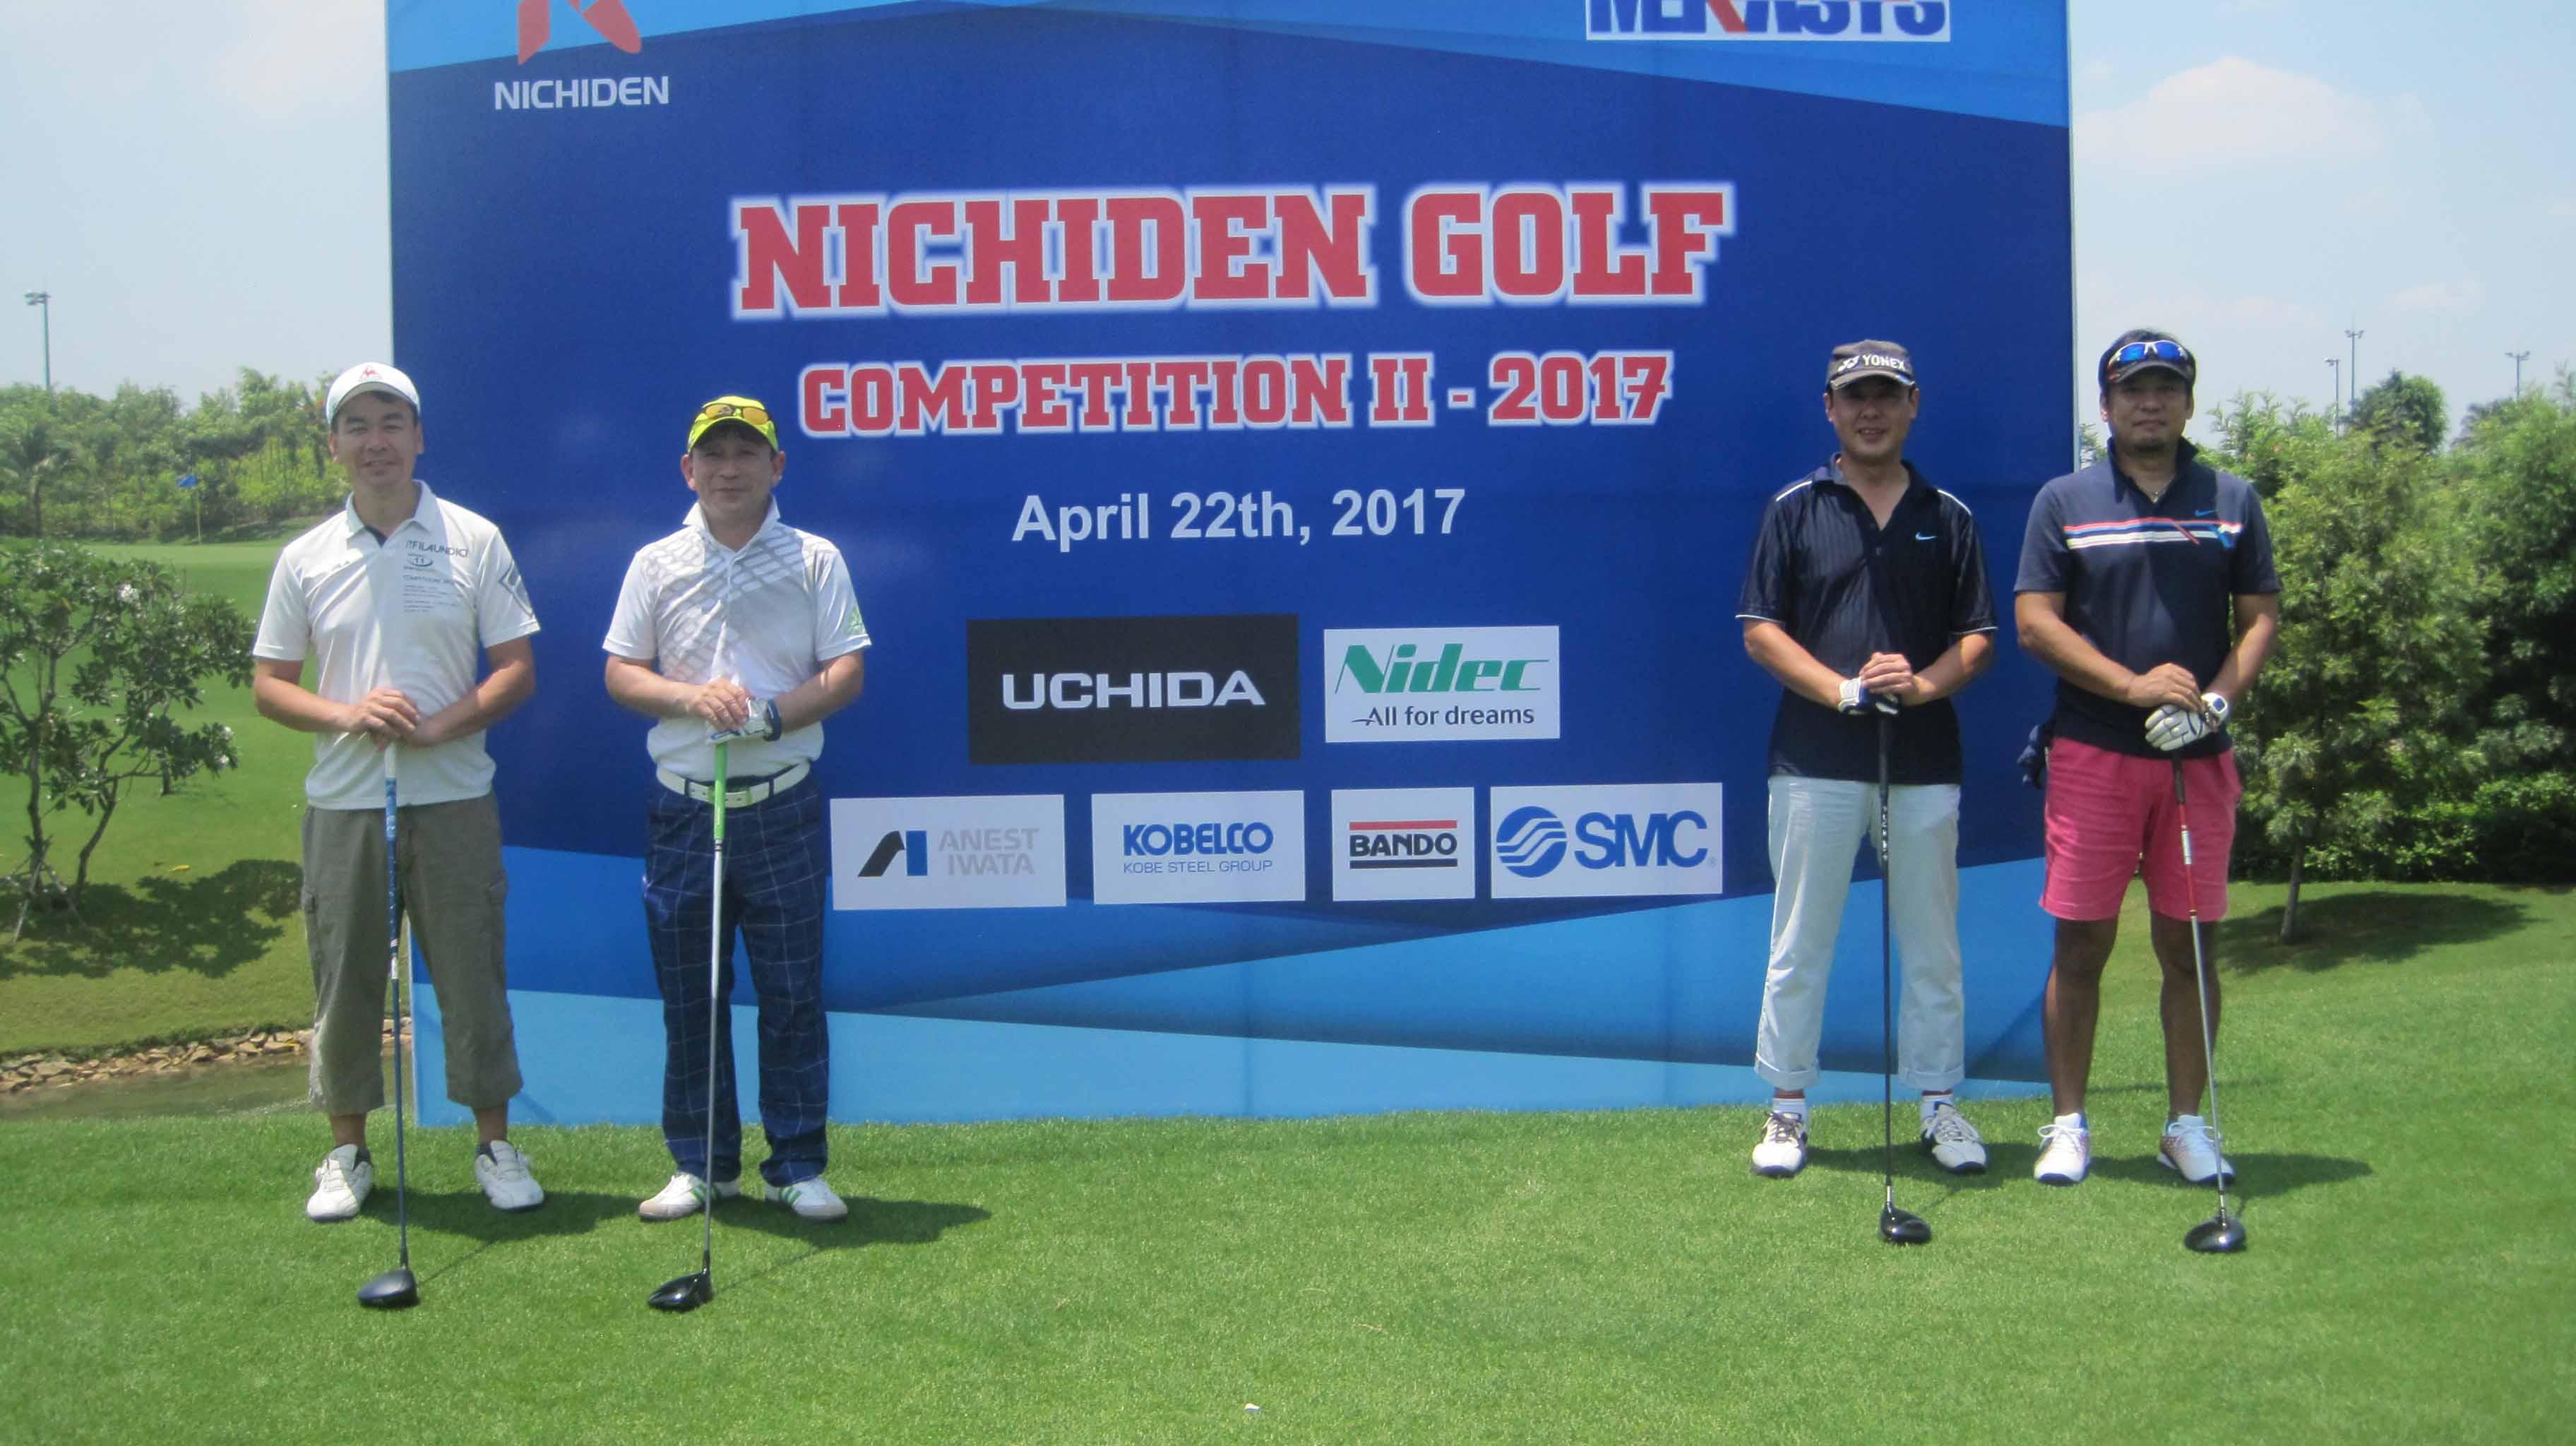 Nichiden Golf 2017